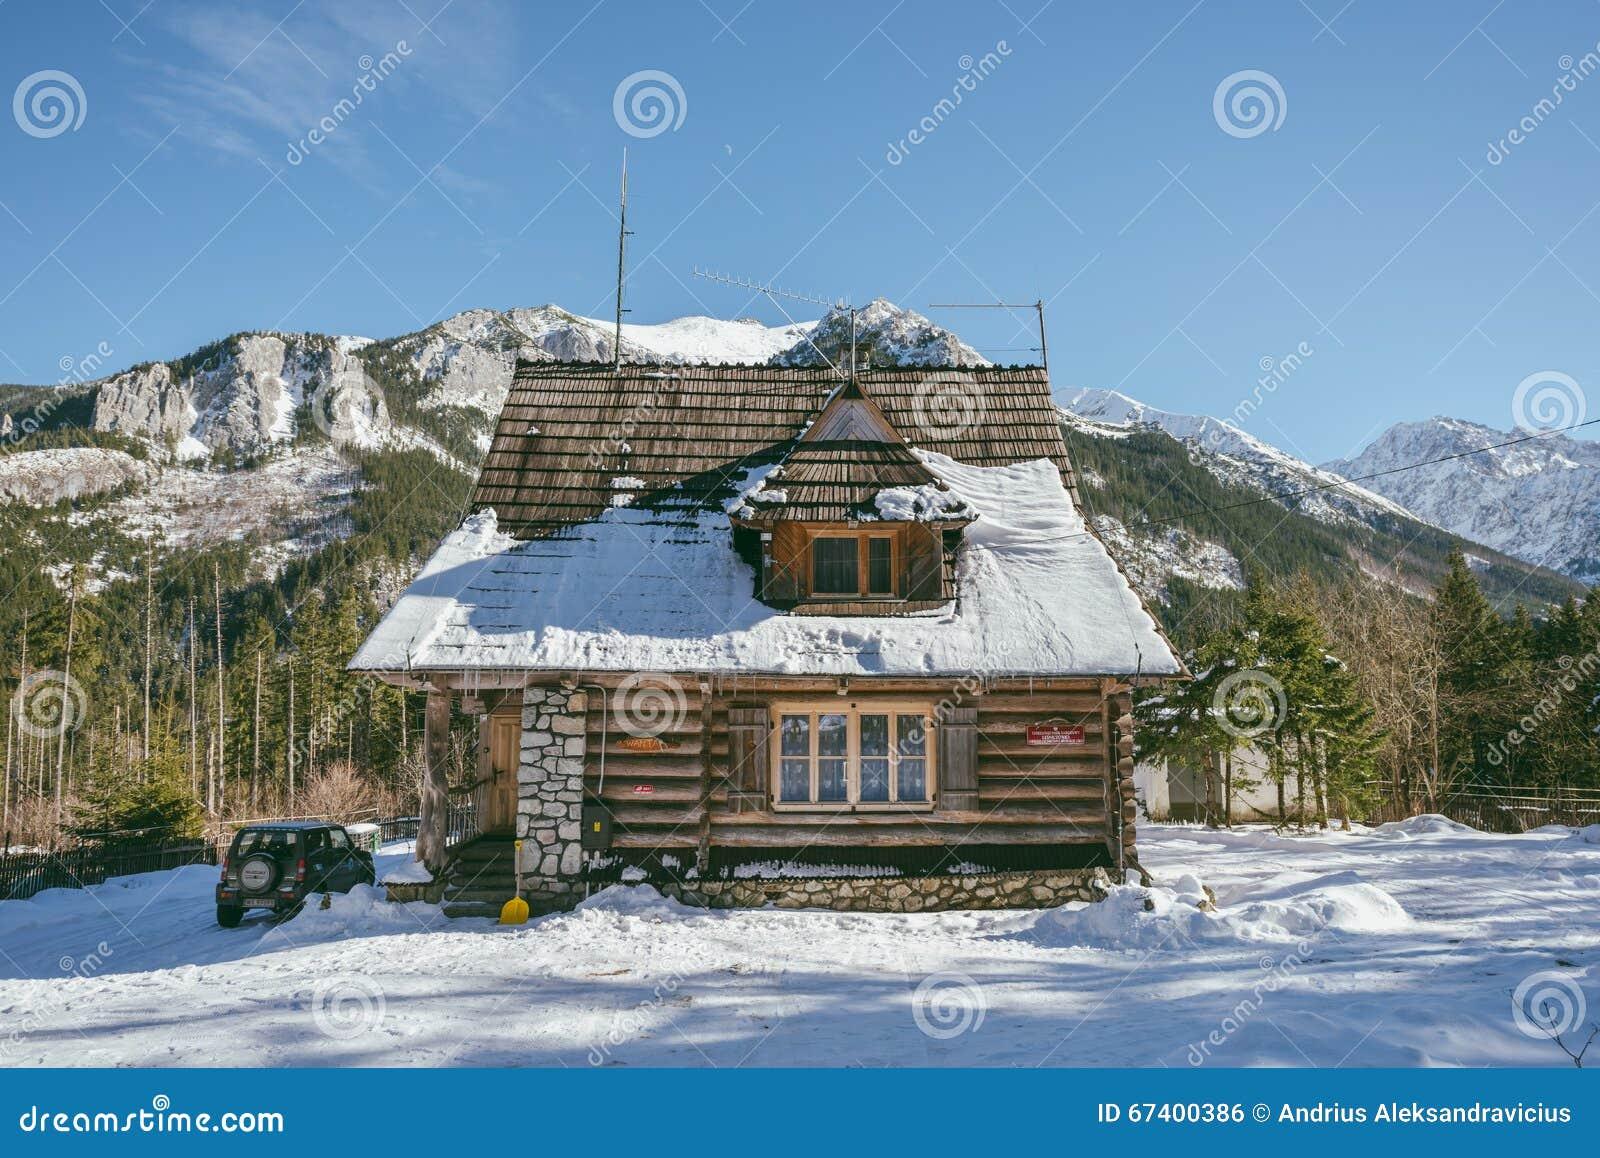 Casa di legno della montagna alto tatras polonia for Case in legno polonia